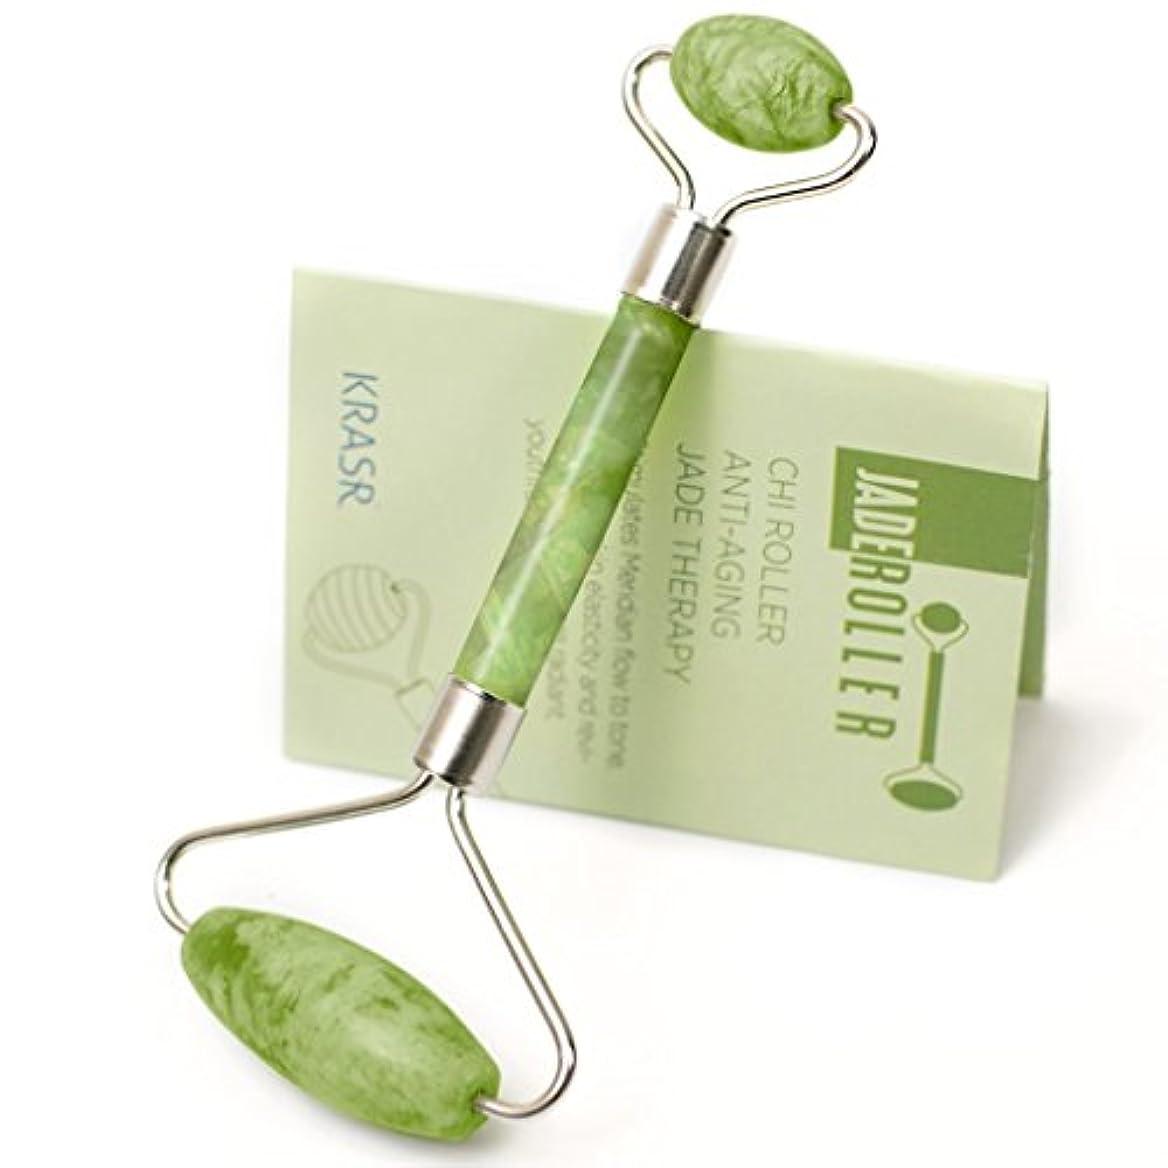 人形億平等Echo & Kern グリーンアベンチュリンの美顔ローラーフェイスマッサジローラーThe Original Chi Himalayan Anti Aging Jade roller Therapy 100% Natural...